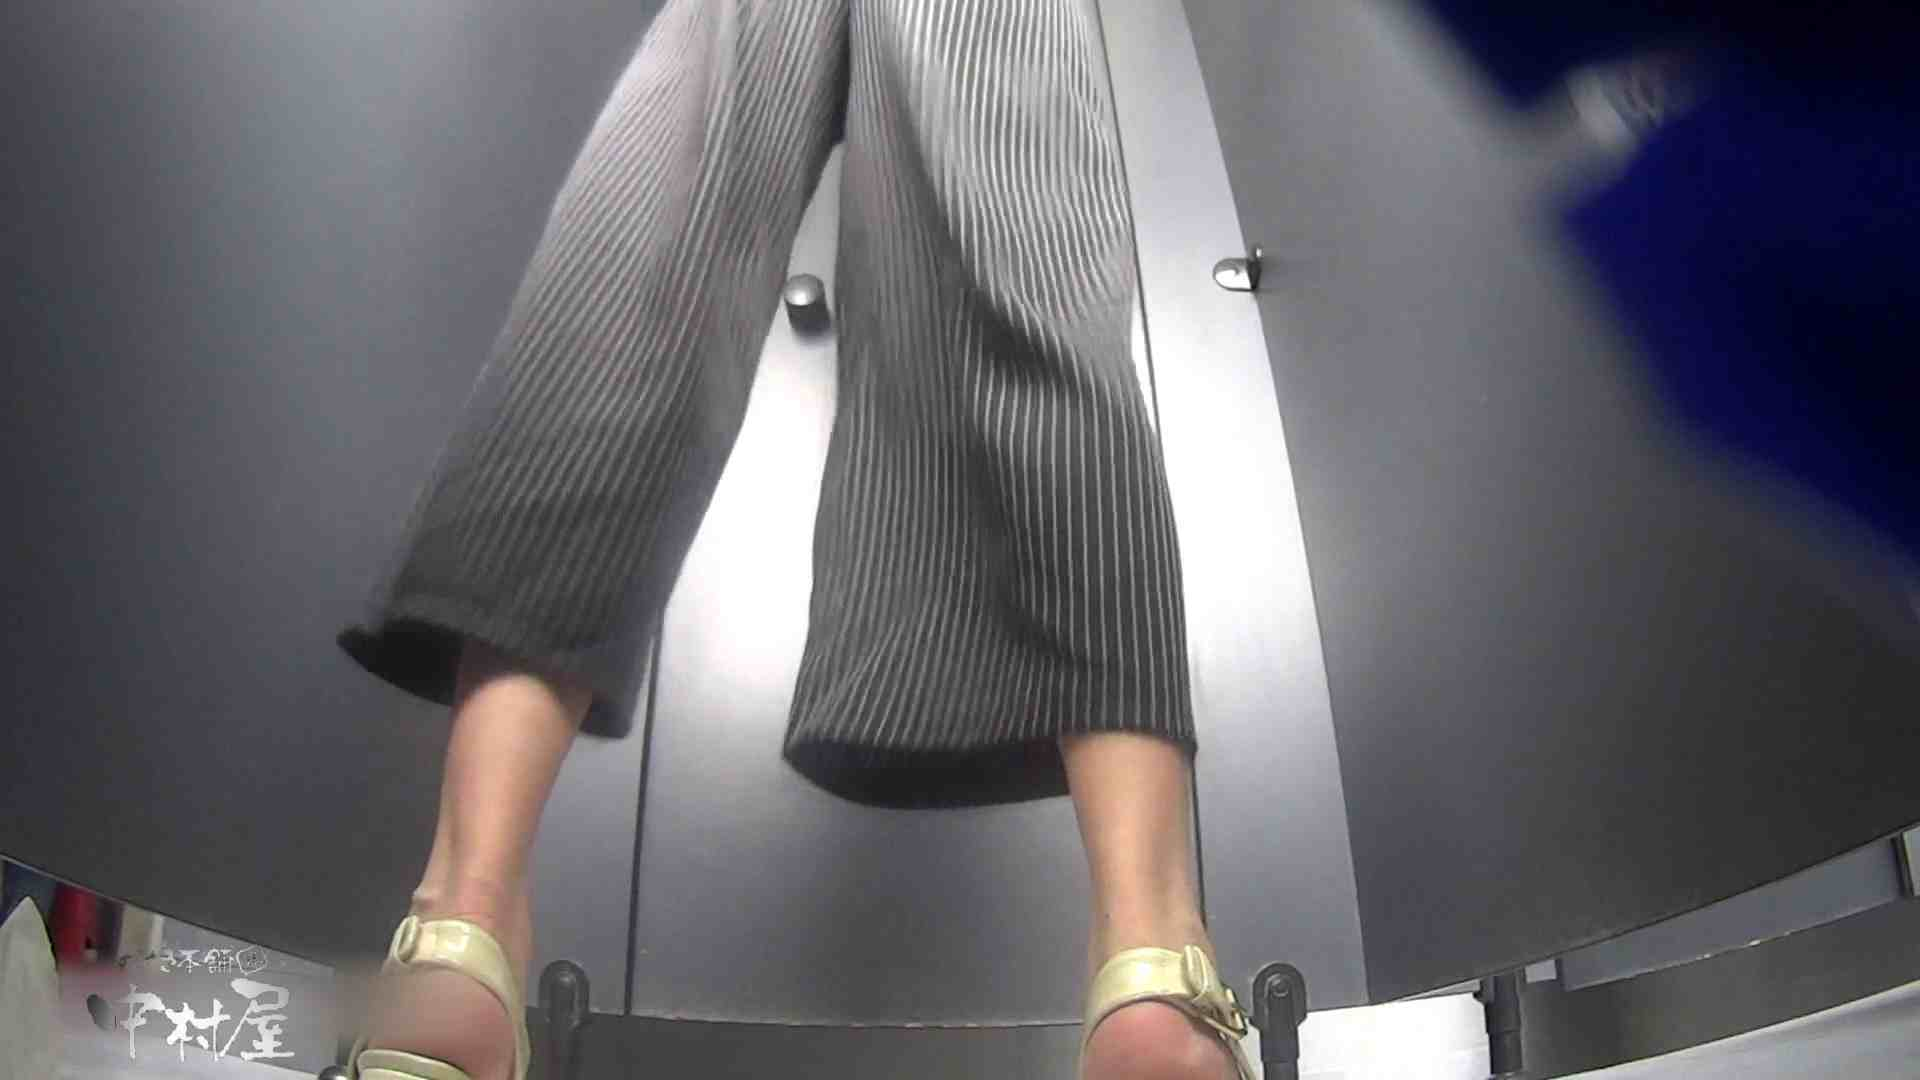 ツンデレお女市さんのトイレ事情 大学休憩時間の洗面所事情32 美女まとめ エロ無料画像 110PIX 48